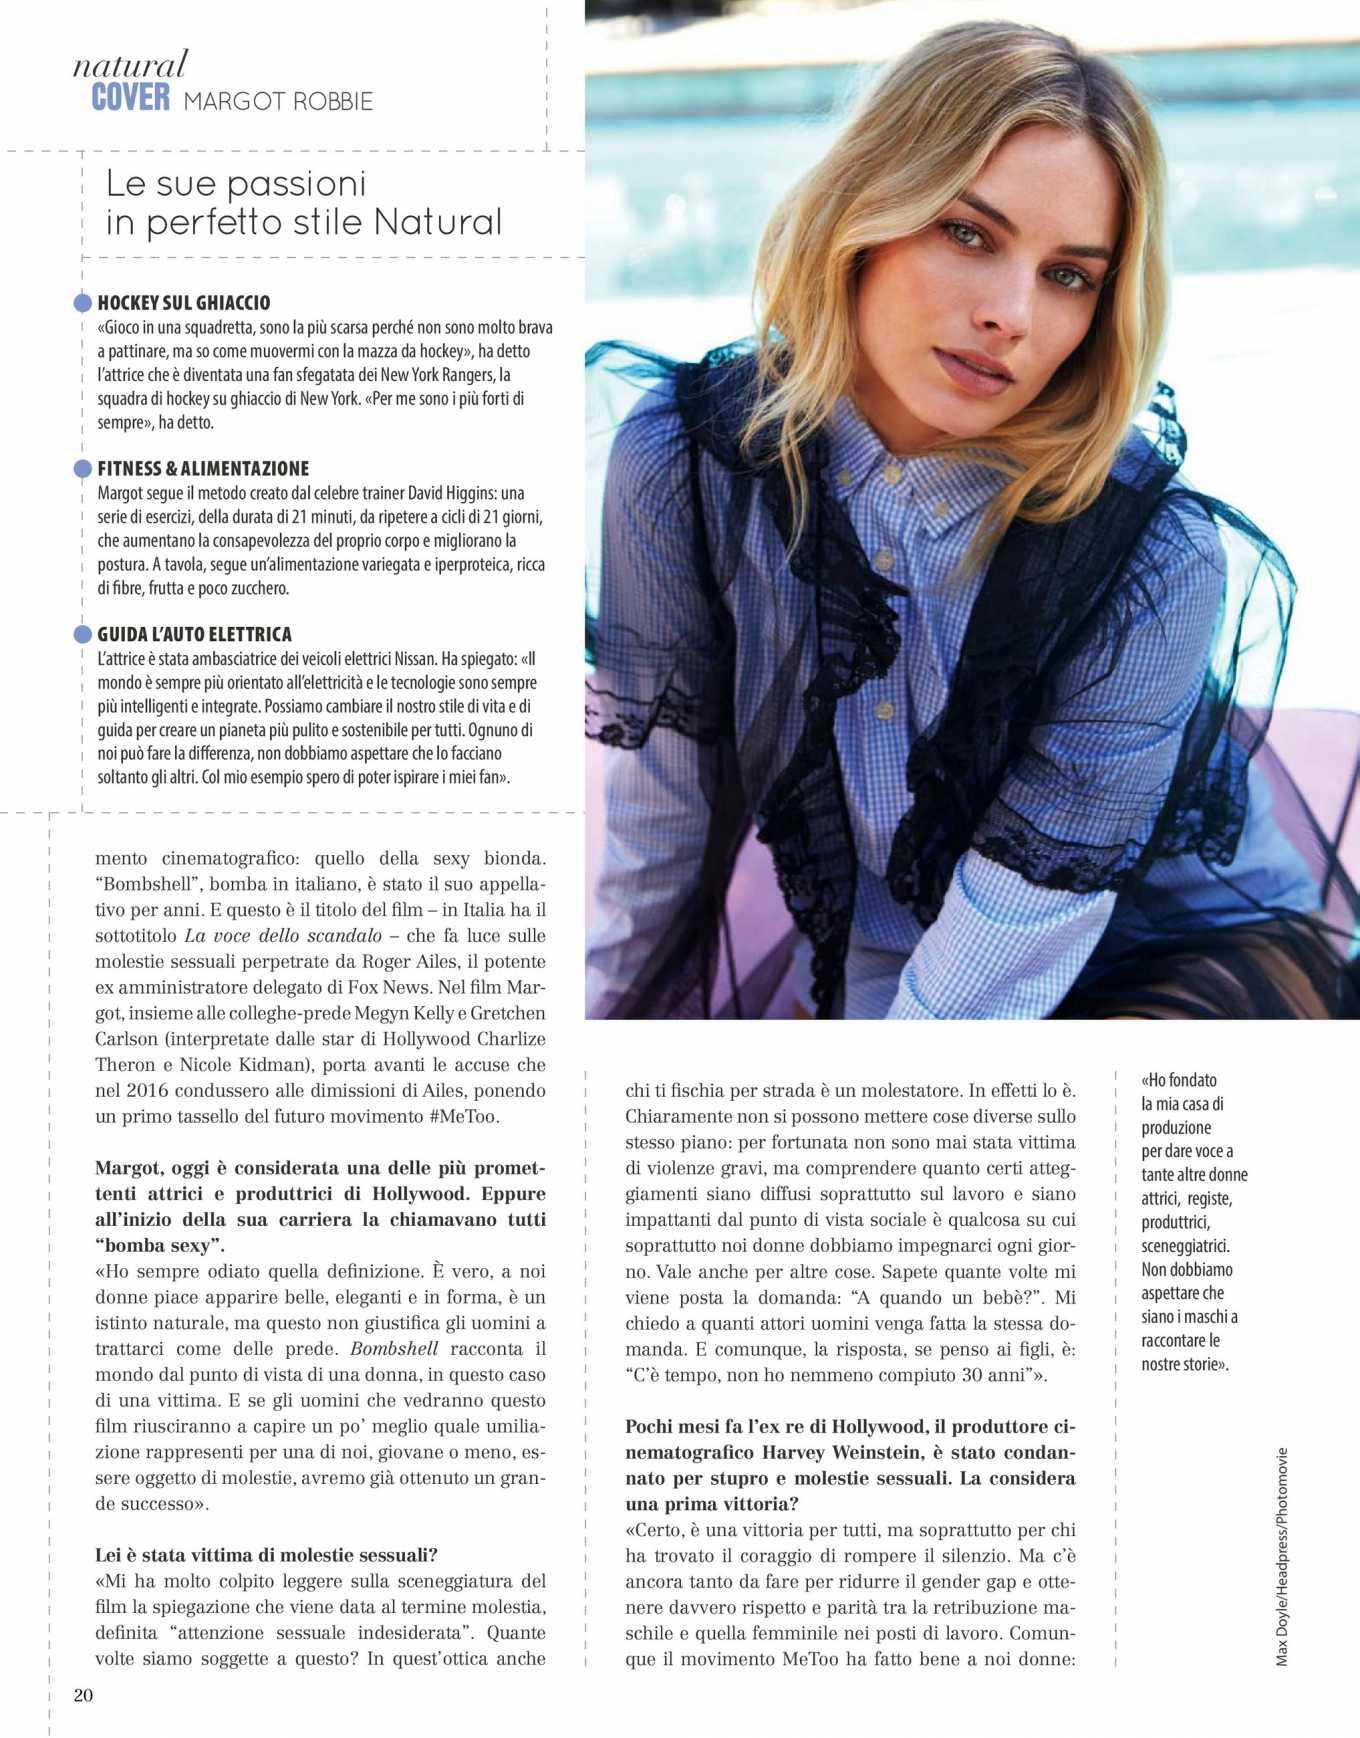 Margot Robbie 2020 : Margot Robbie – Natural Style Italy Magazine 2020-02